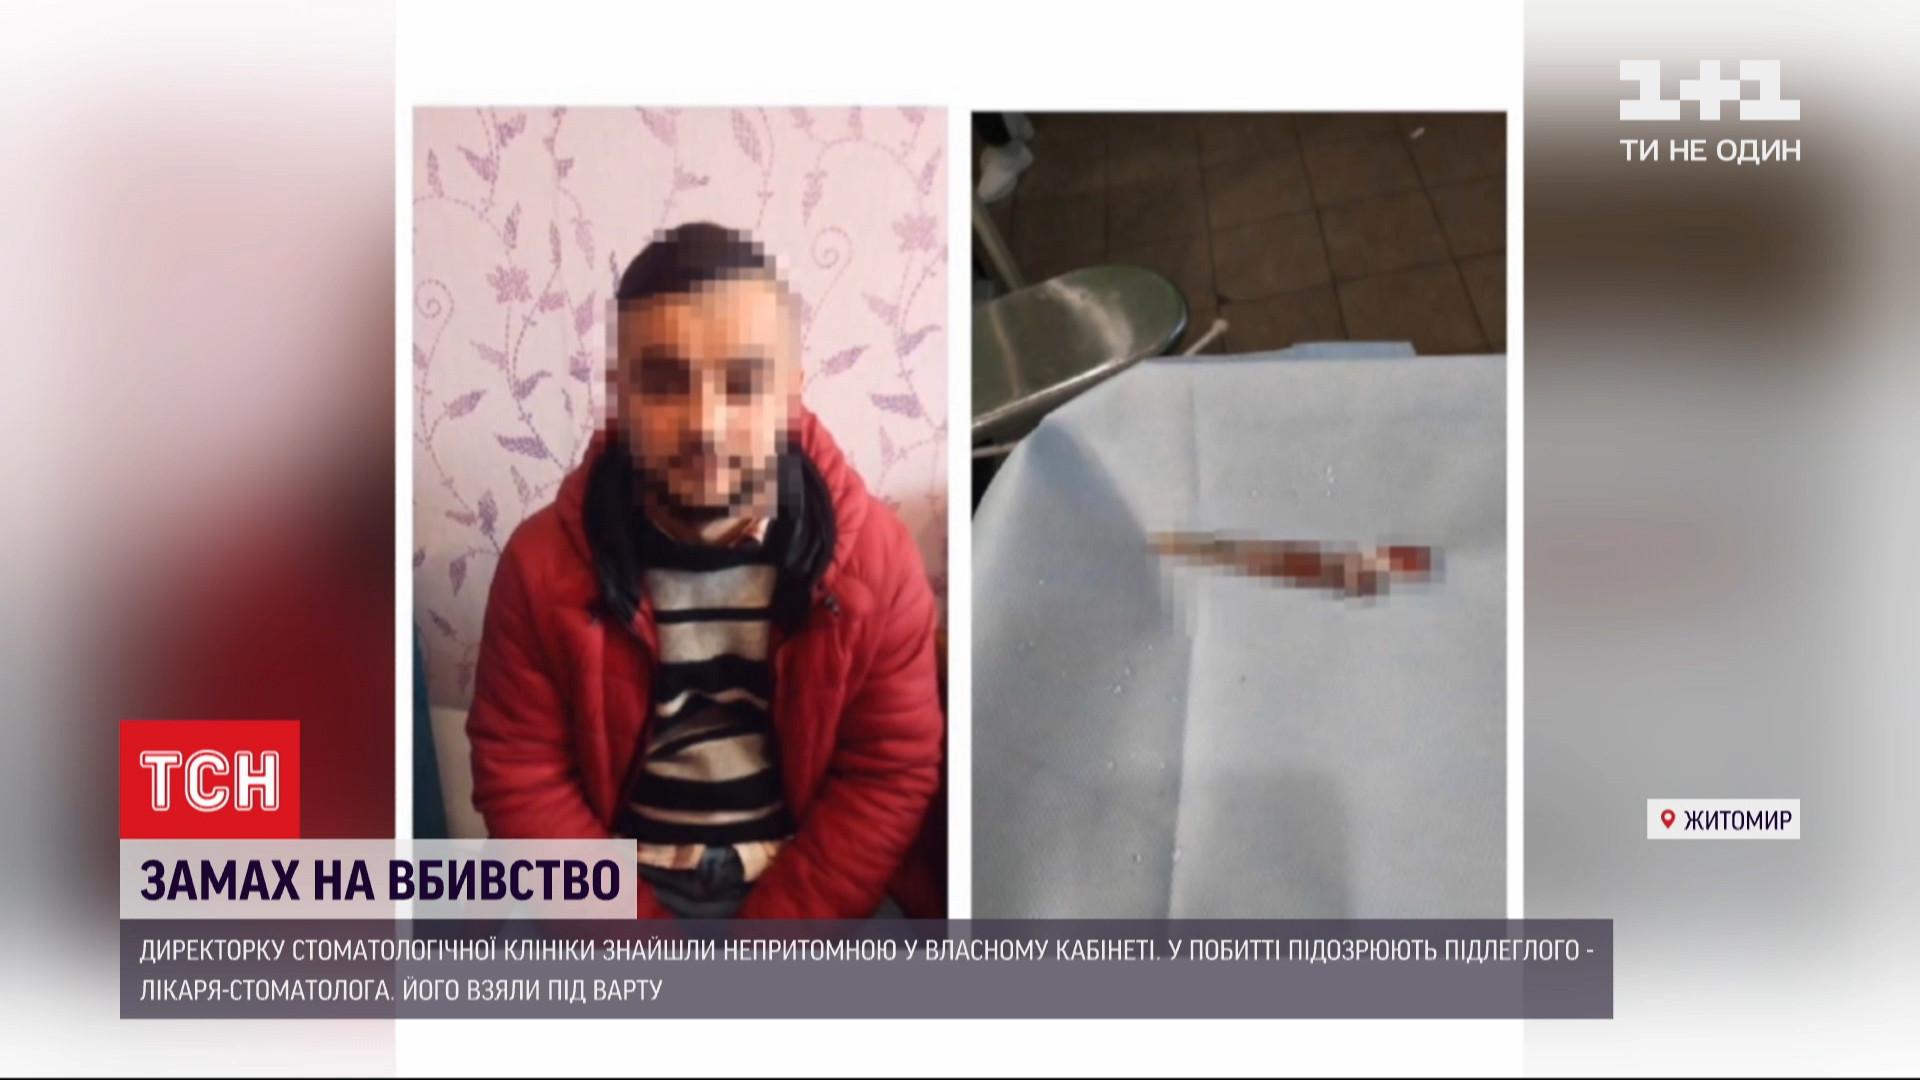 Без сознания директора частной стоматологической клиники в луже крови нашла бухгалтер / скриншот из видео